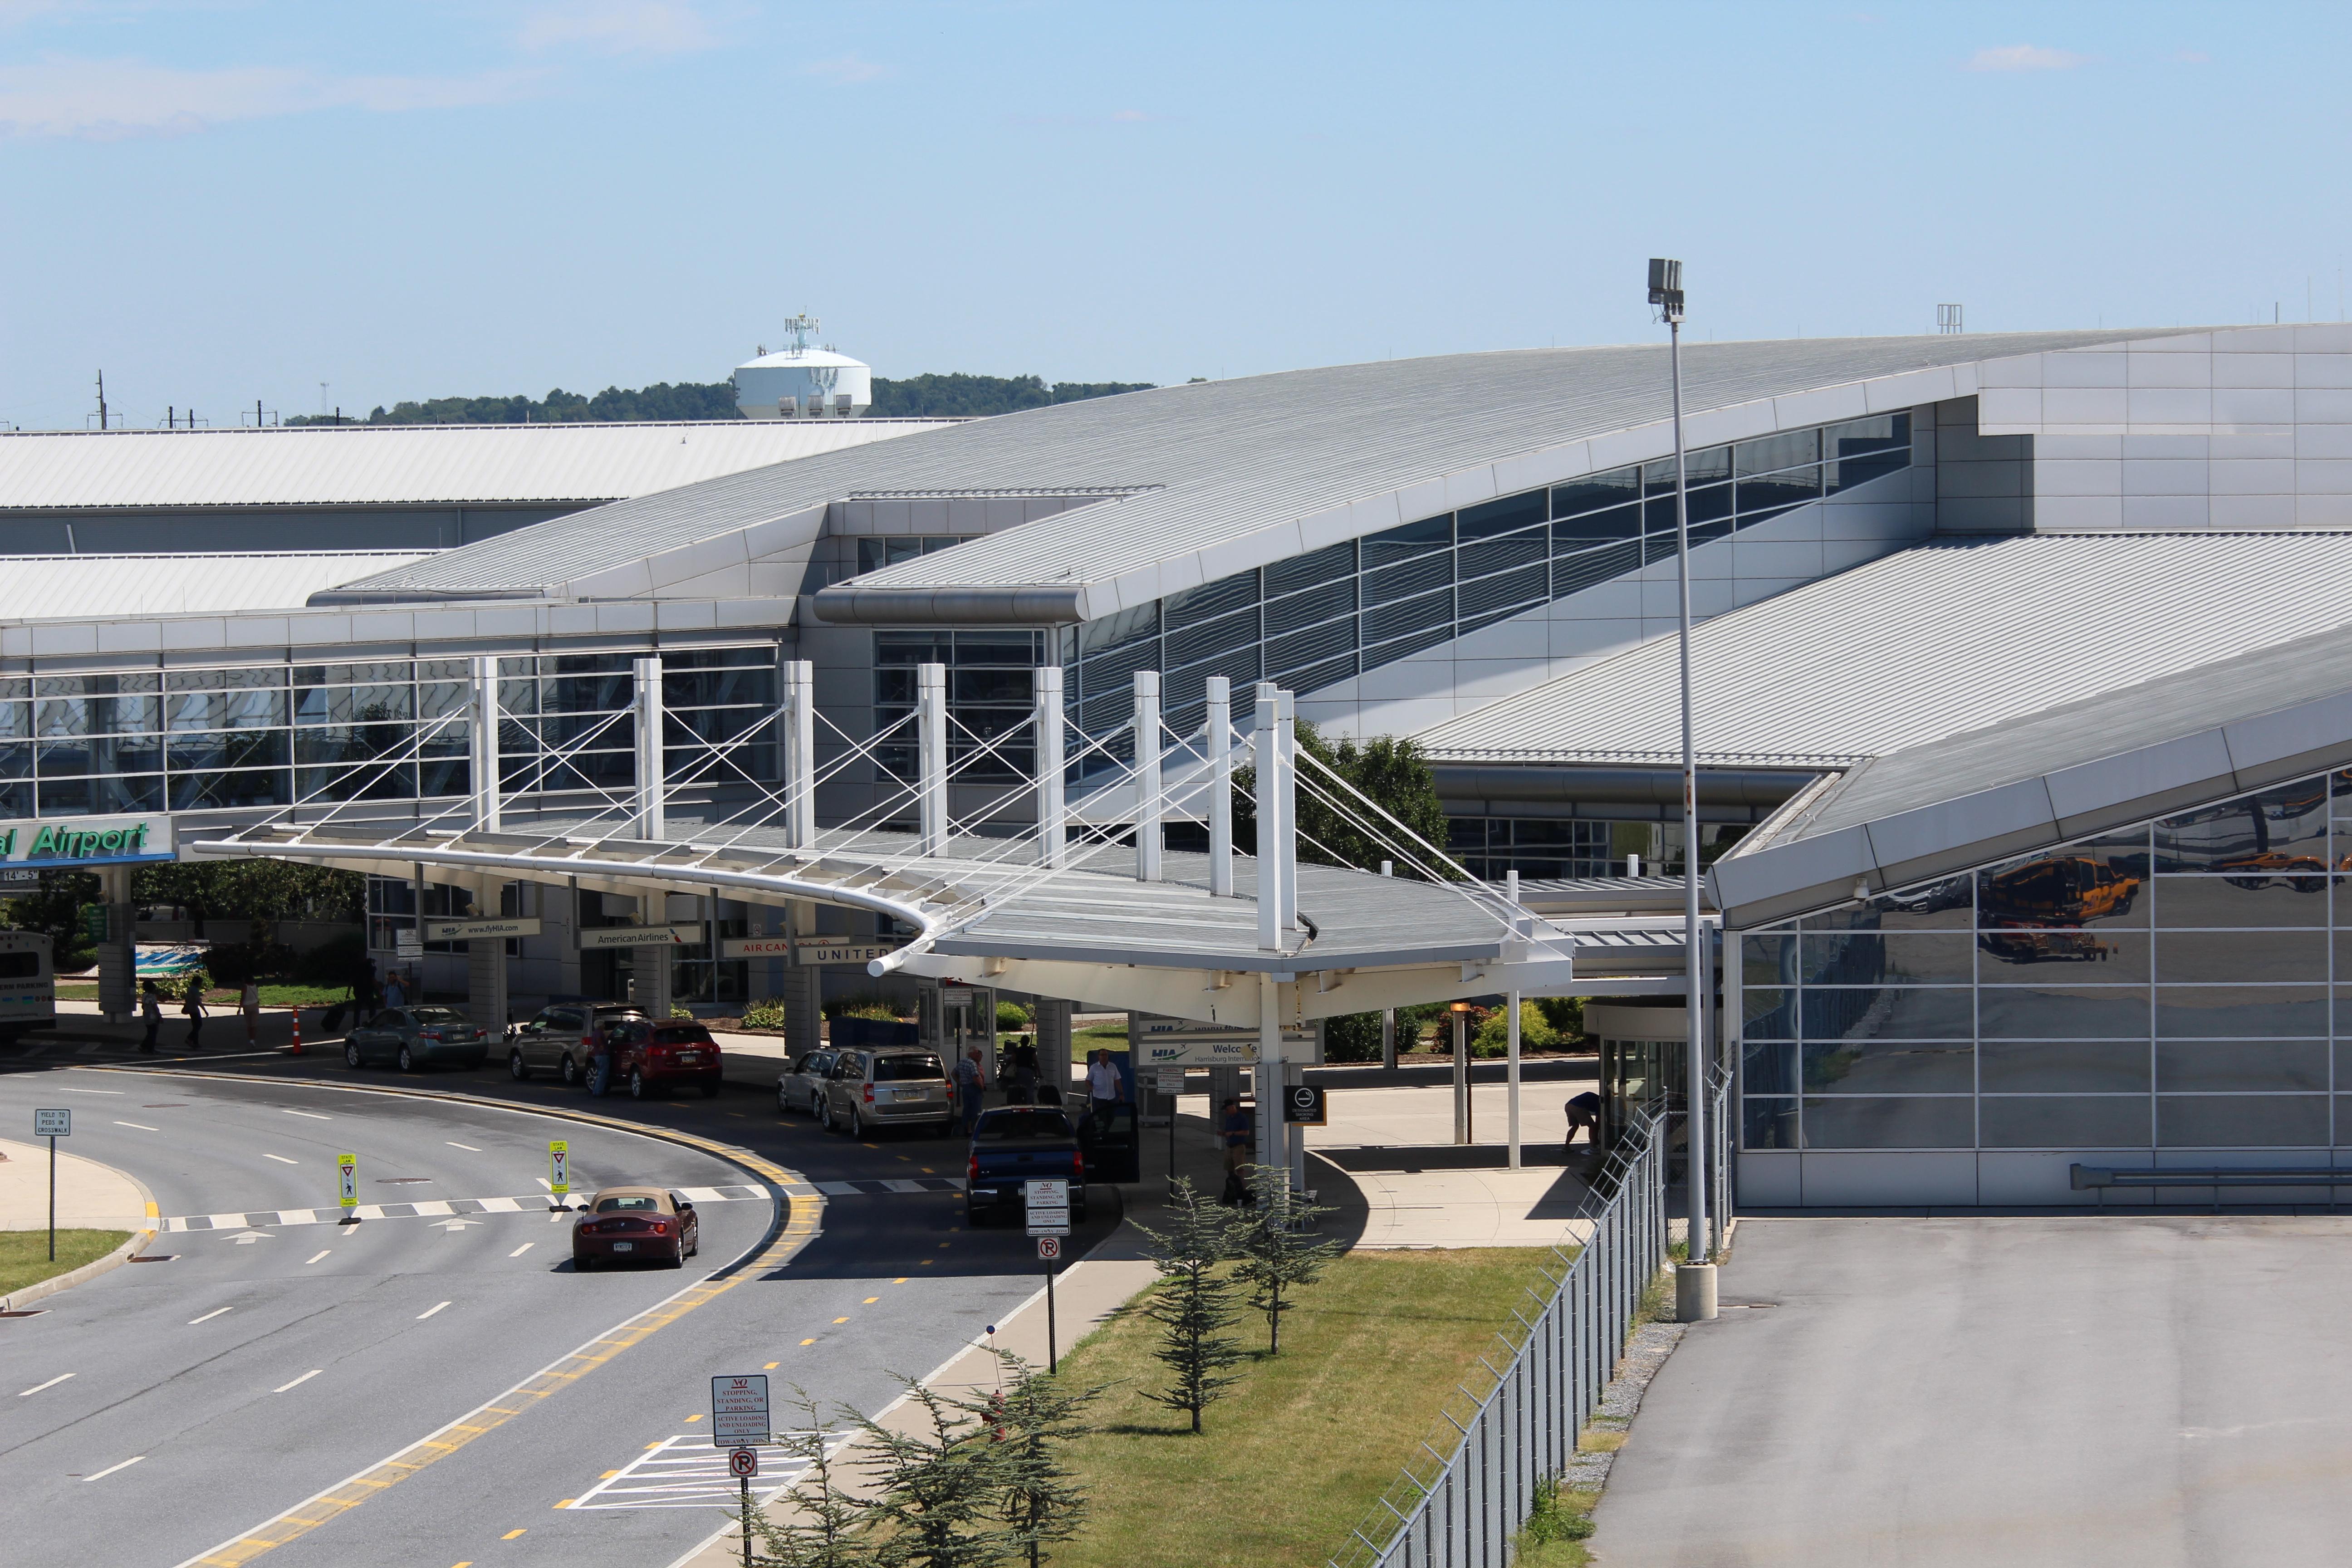 2015 Rewind Harrisburg International Airport